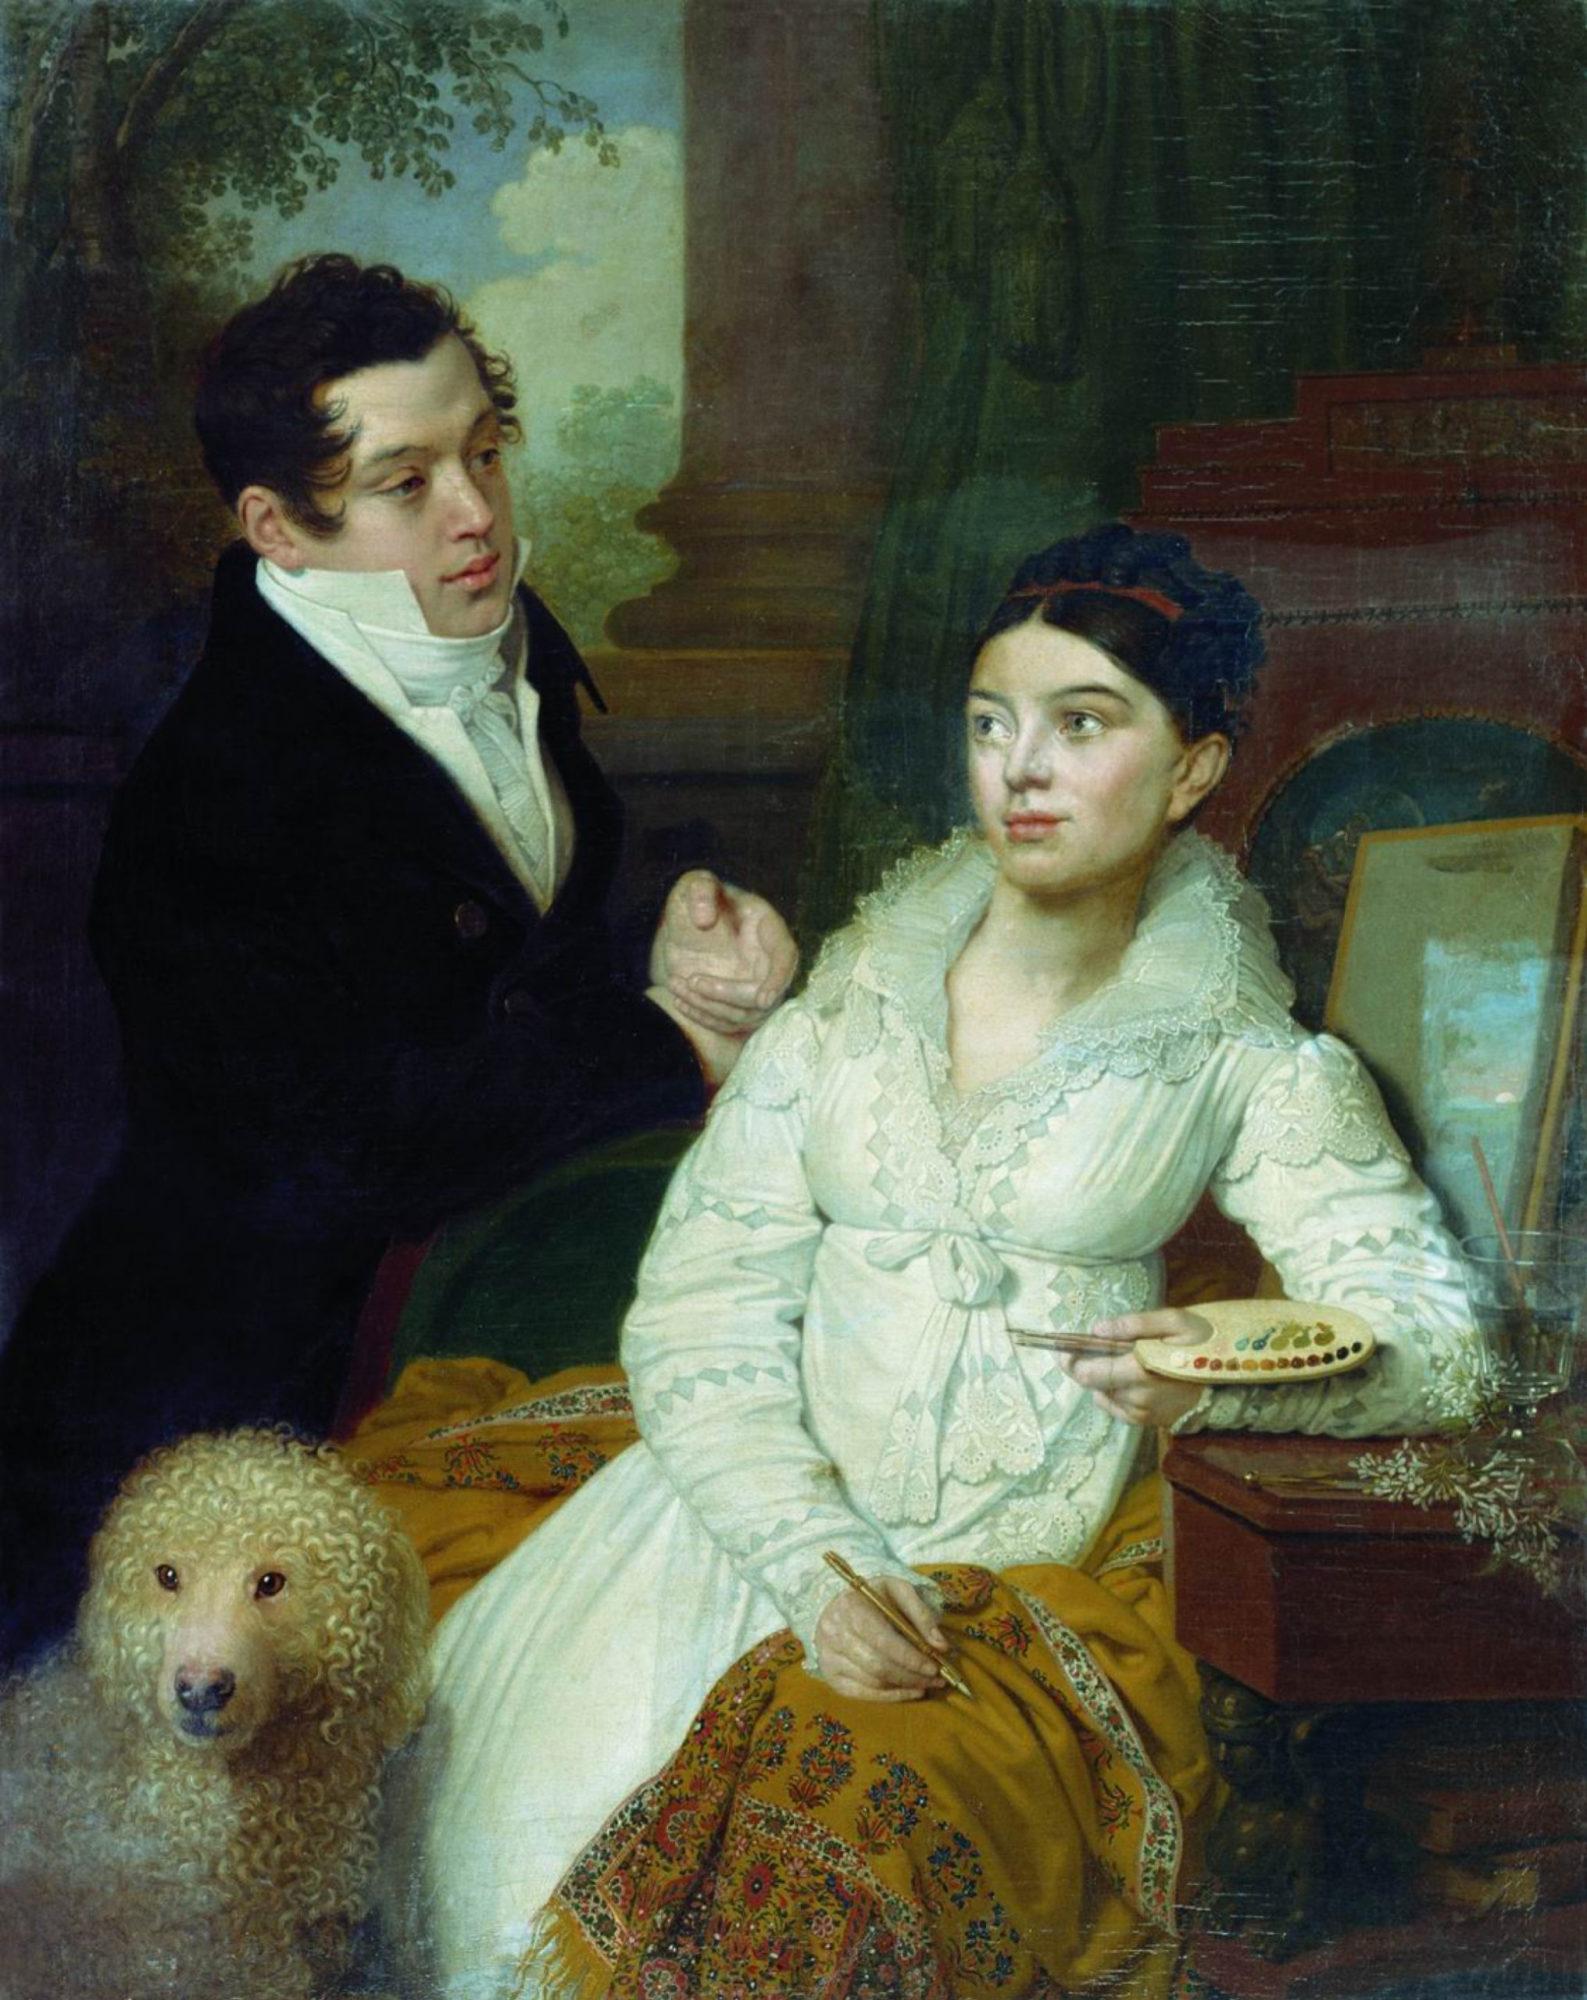 Владимир Боровиковский, 1814 год, картина «Портрет А.Г. и А.А. Лобановых-Ростовских».